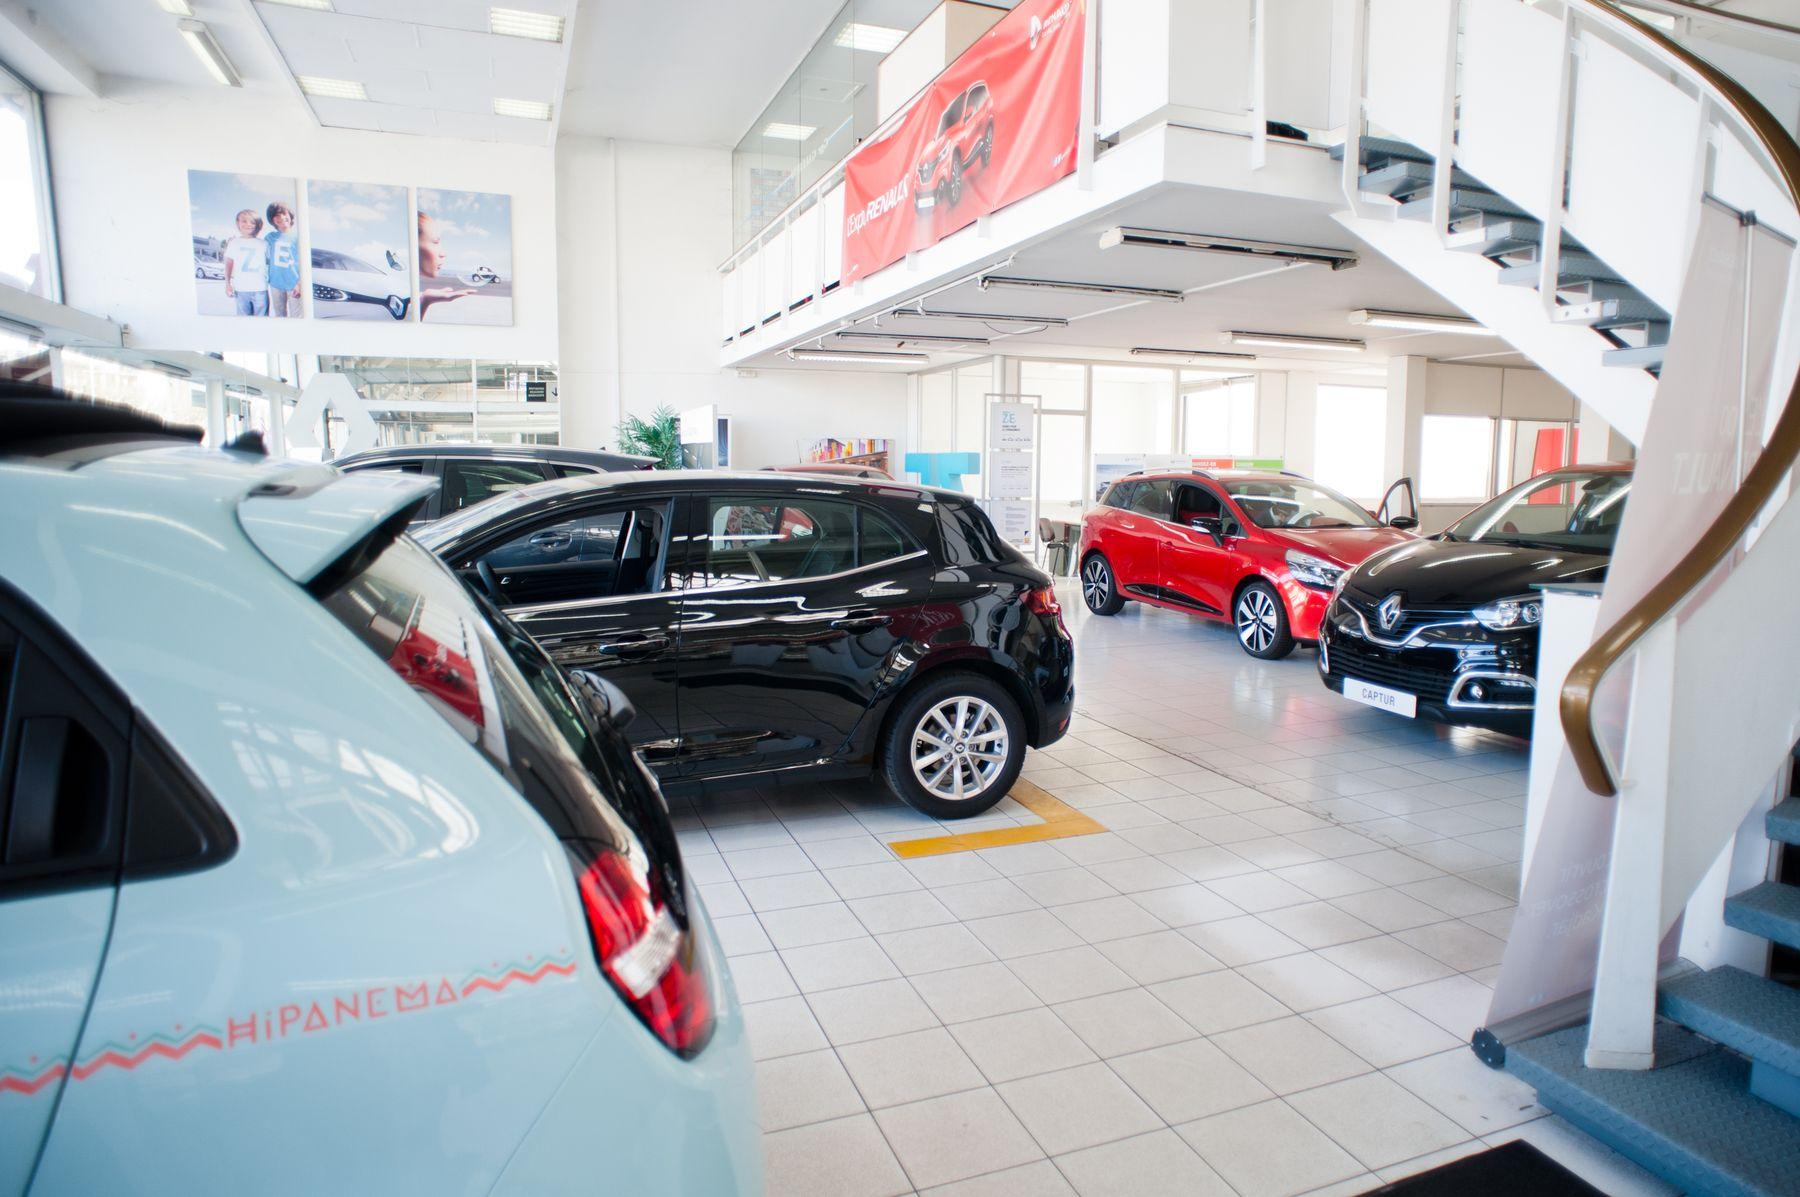 vente voitures françaises en hausse